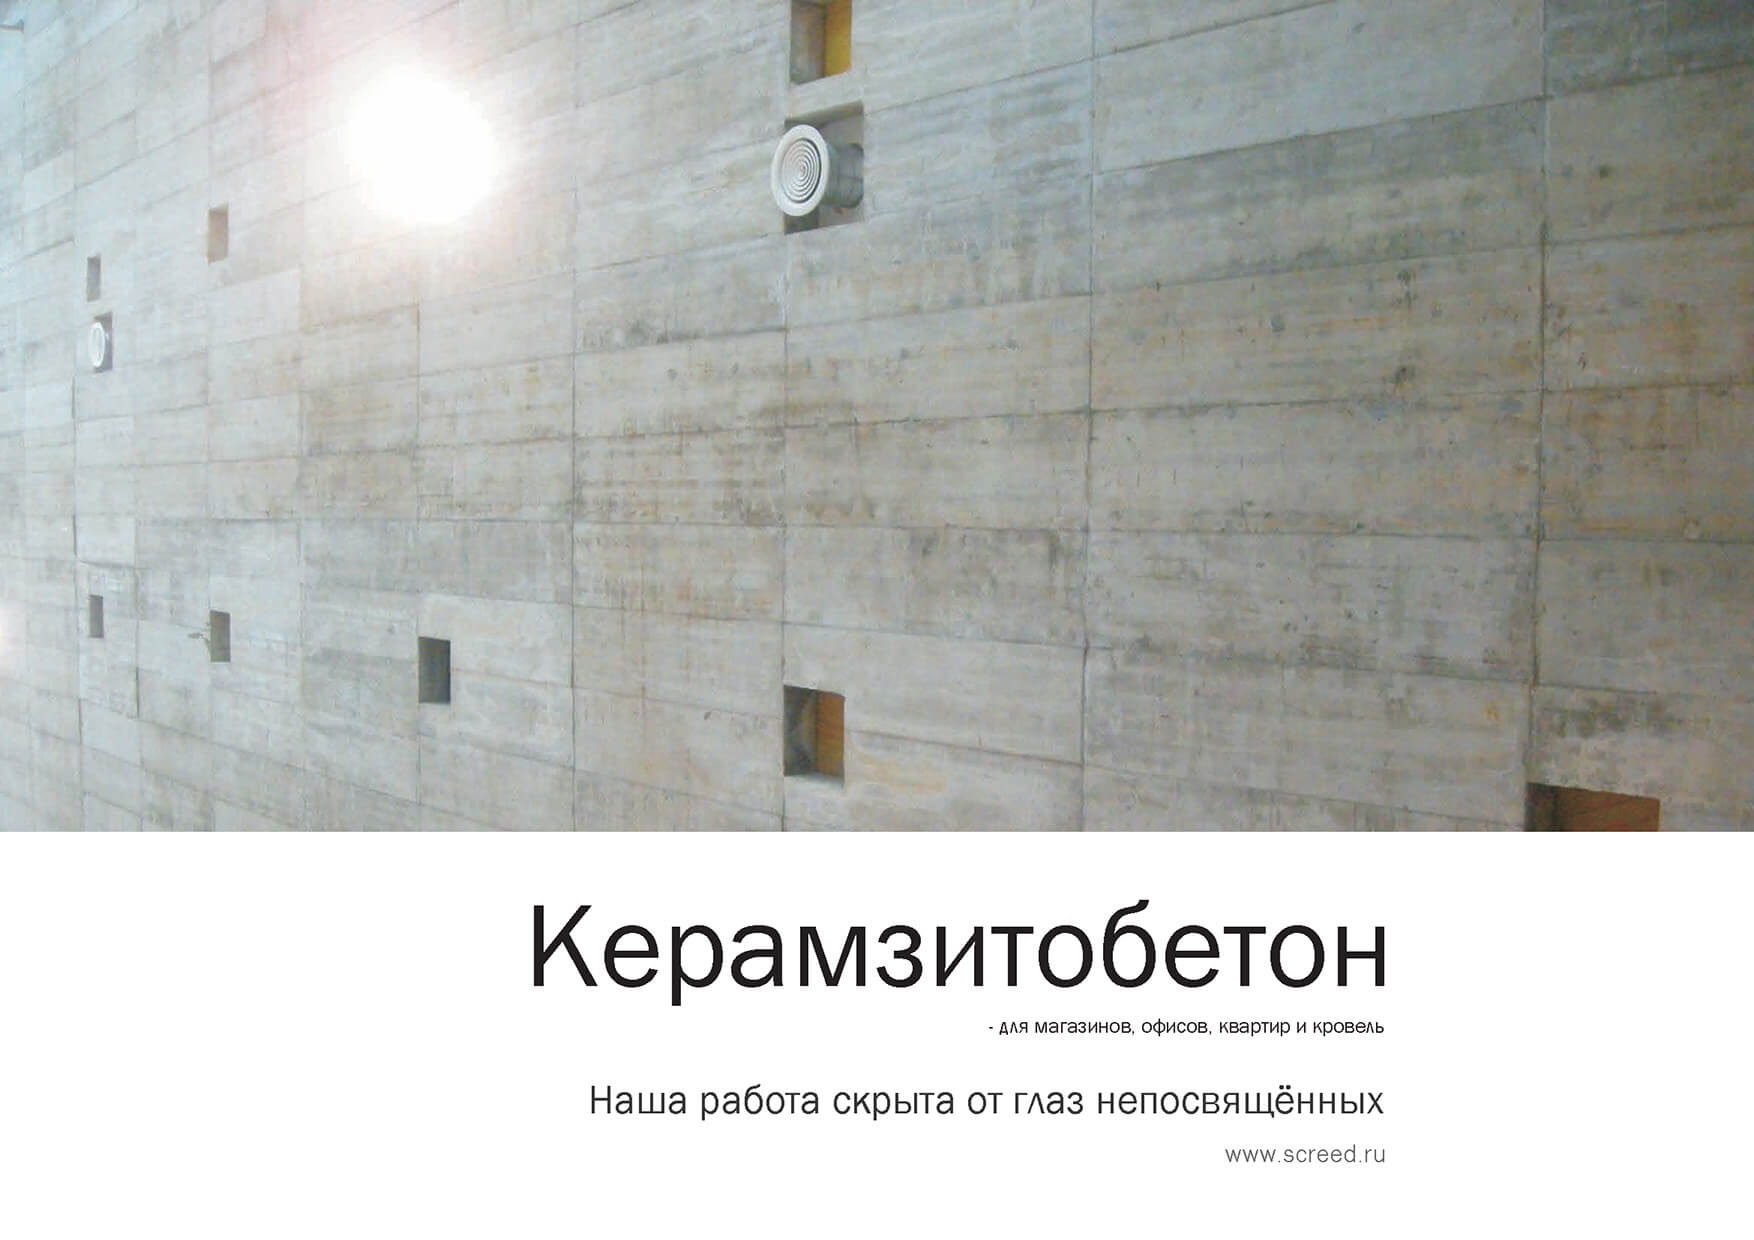 Керамзитобетон FASTCERAMIC москва россия СТЯЖКА ПОЛА керамическая керамогранит пол теплый стена